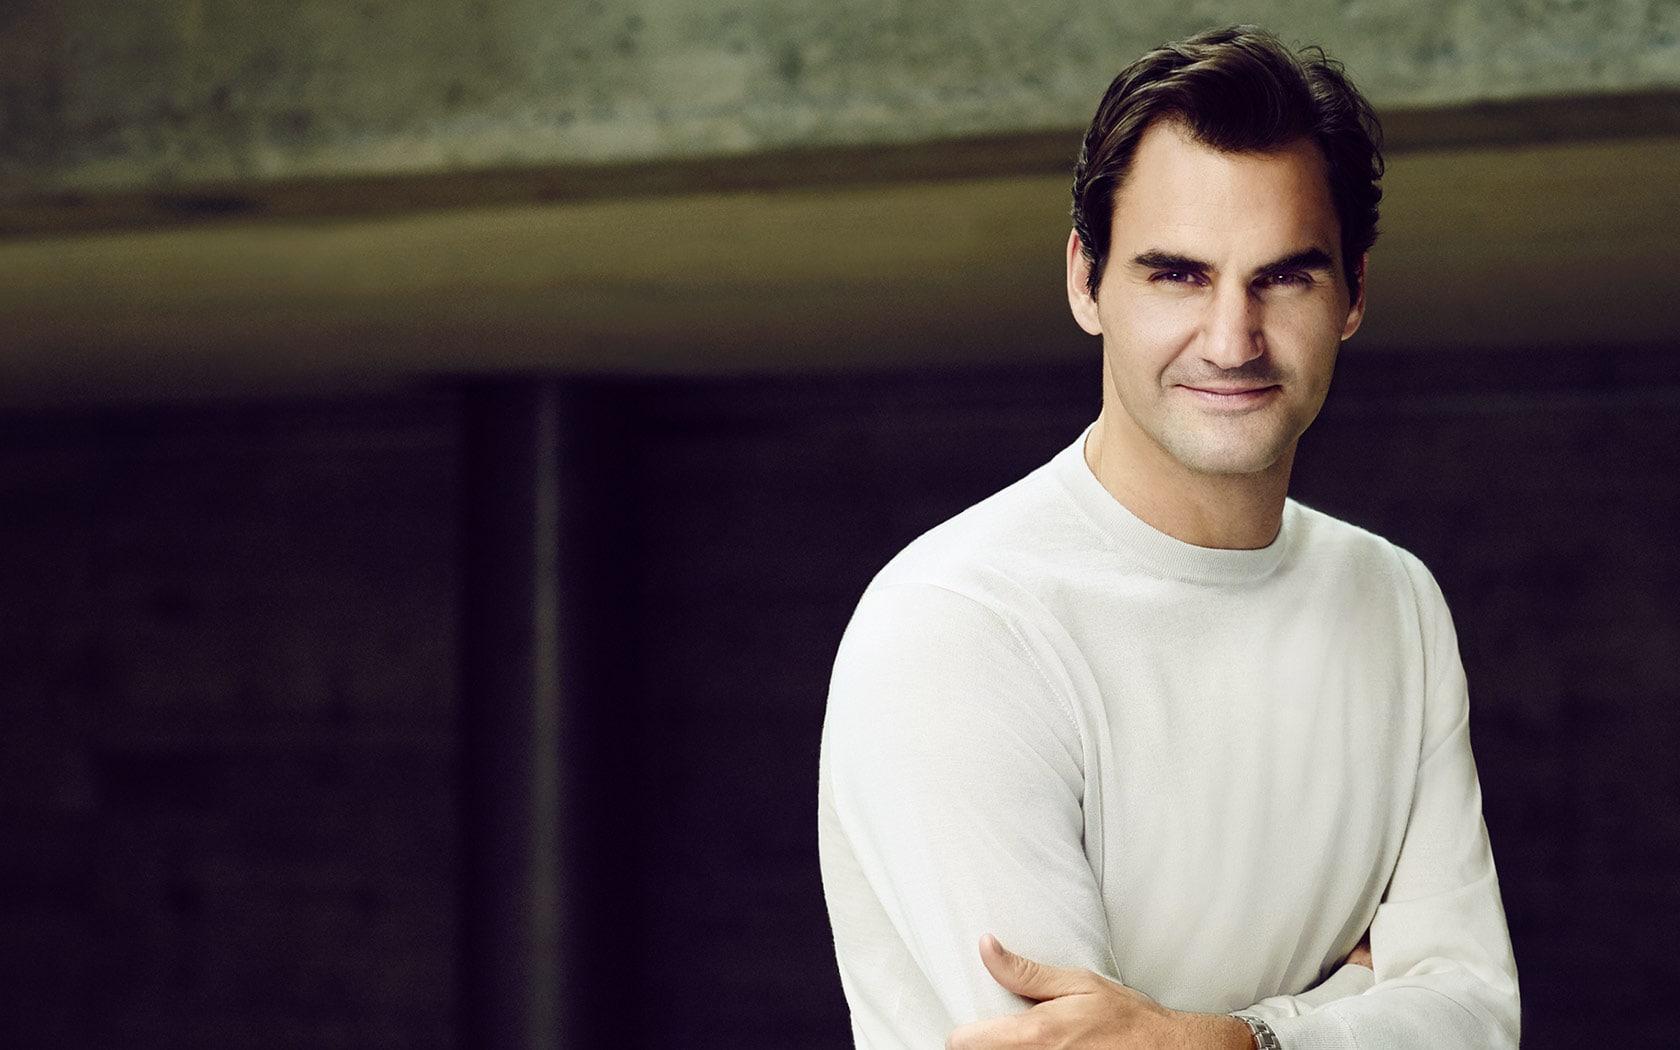 Roger Federer, Rolex brand ambassador and tennis great wins the 2018 Australian Open